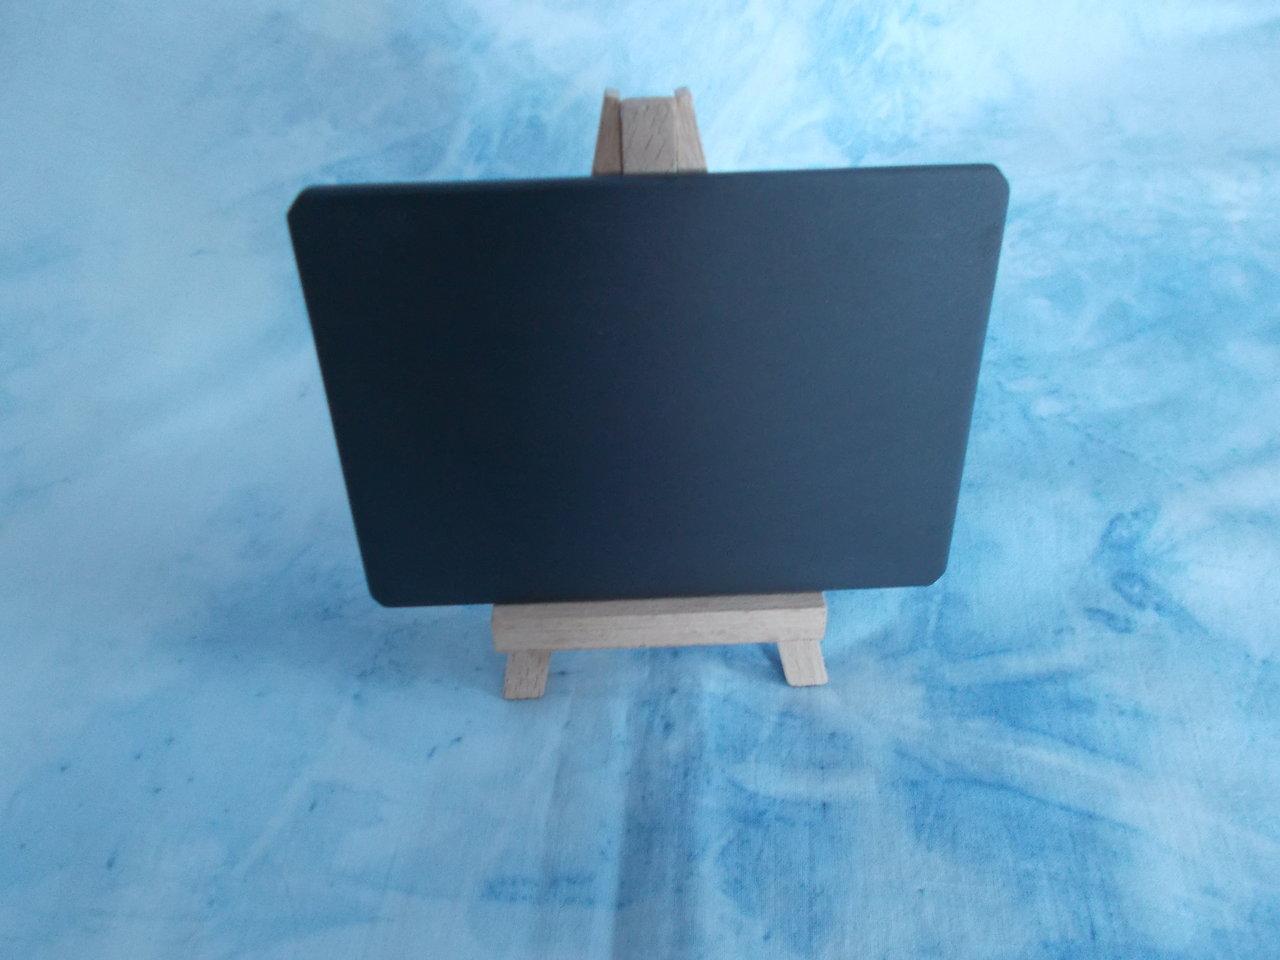 schieferplatte 08x11cm auf 3fu www schiefertafel. Black Bedroom Furniture Sets. Home Design Ideas